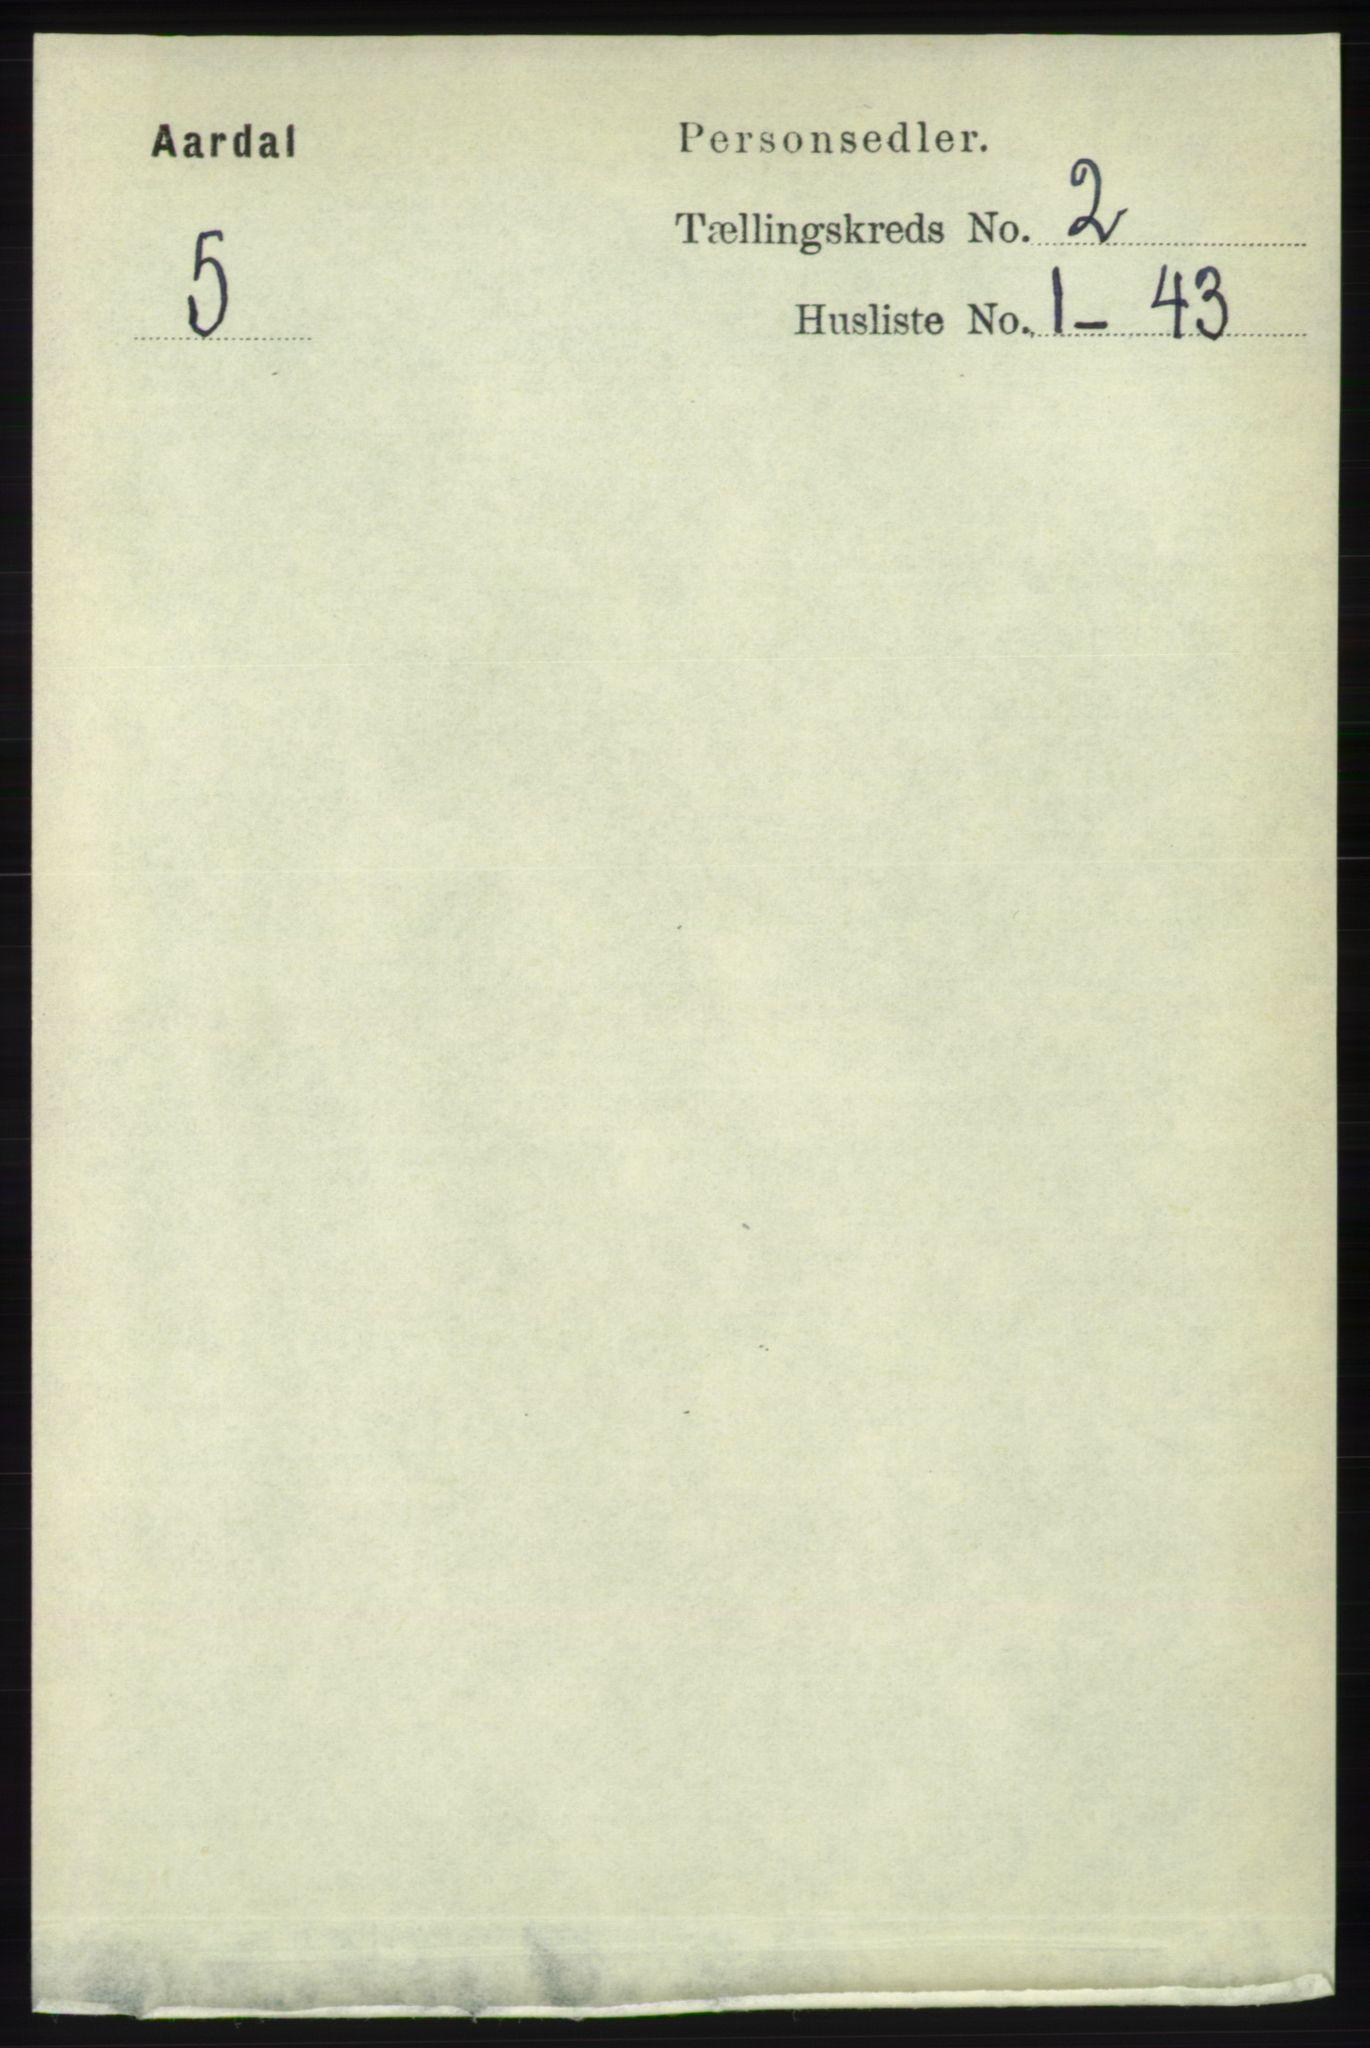 RA, Folketelling 1891 for 1131 Årdal herred, 1891, s. 573